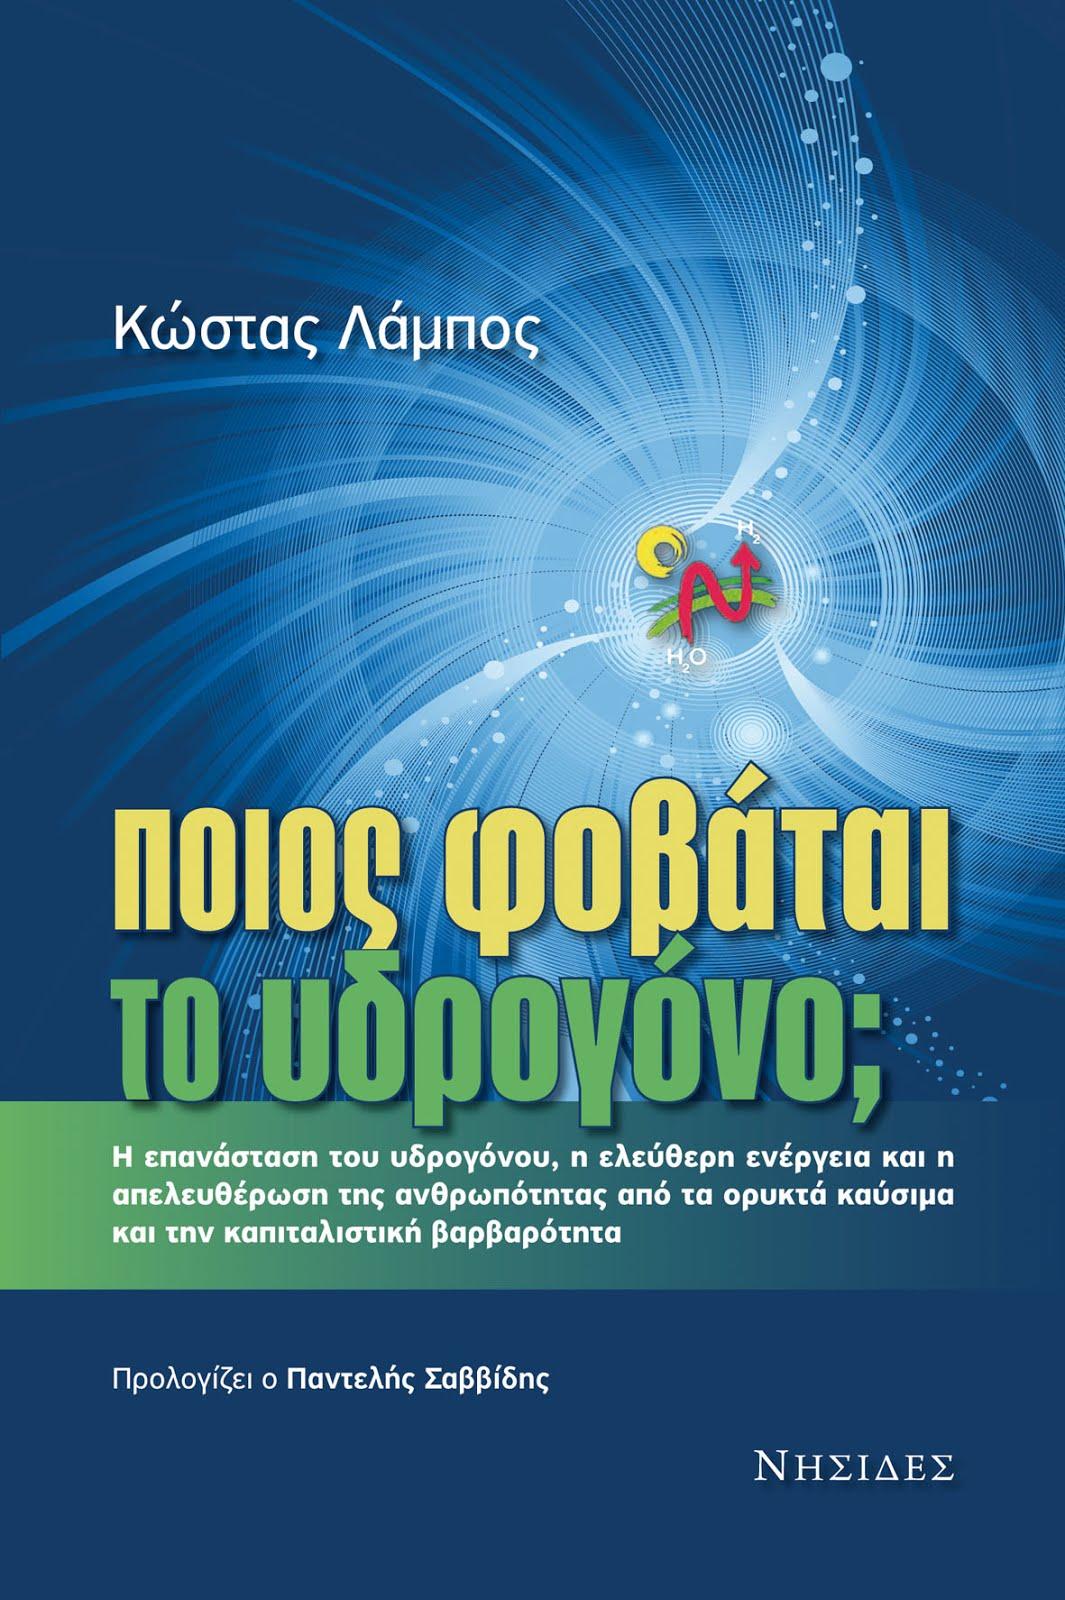 Ποιός φοβάται το υδρογόνο;